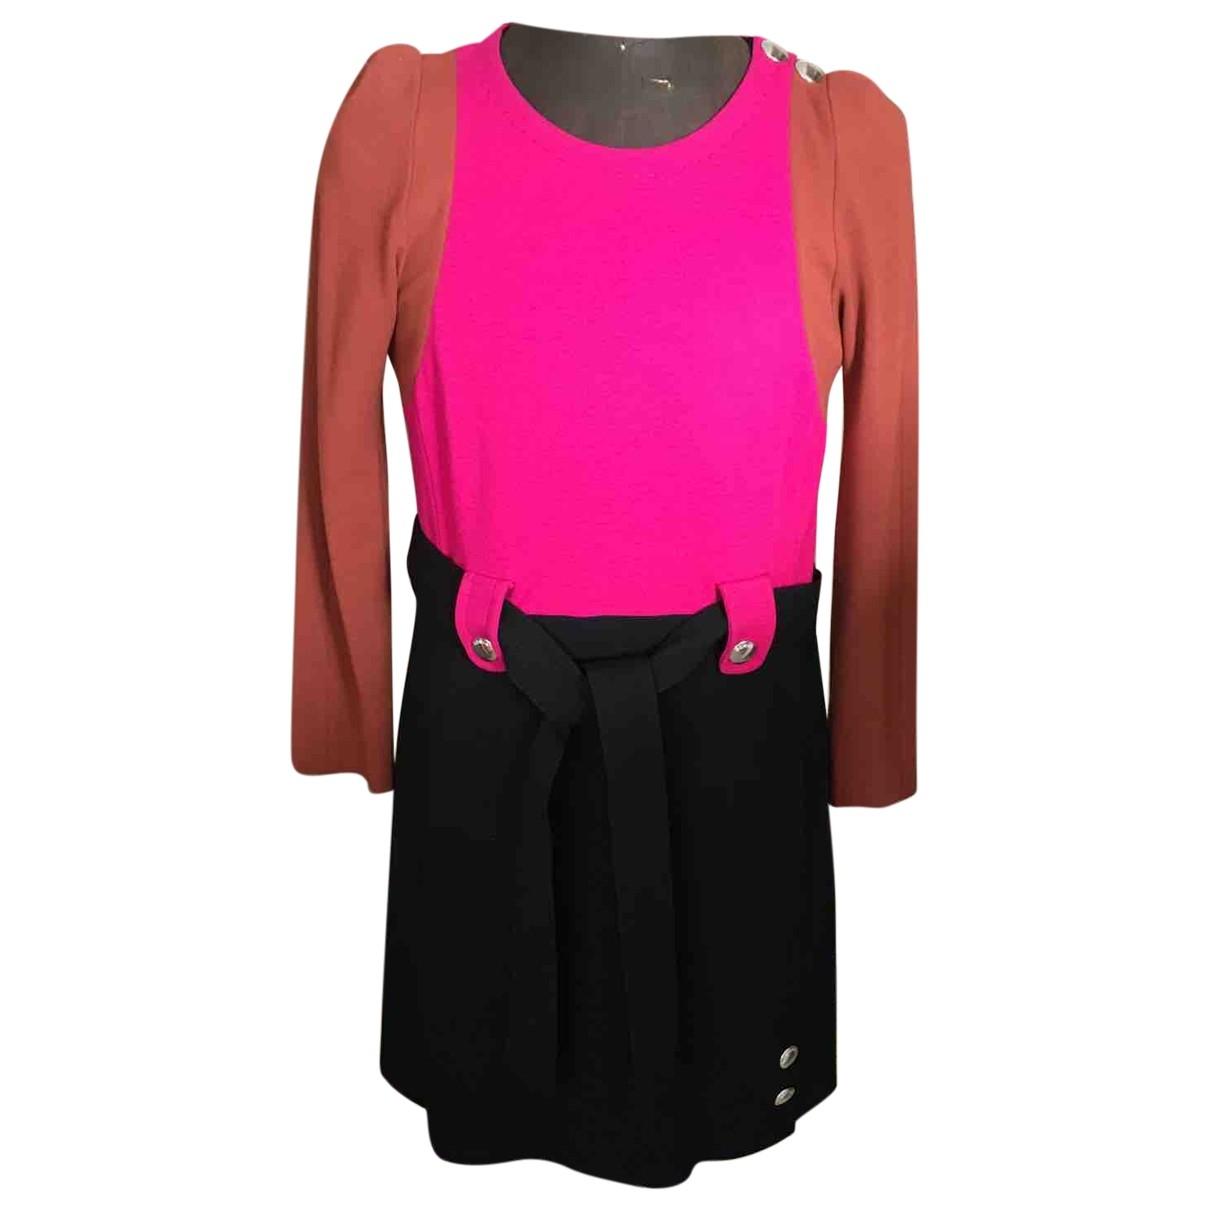 Sonia By Sonia Rykiel \N Kleid in  Bunt Polyester